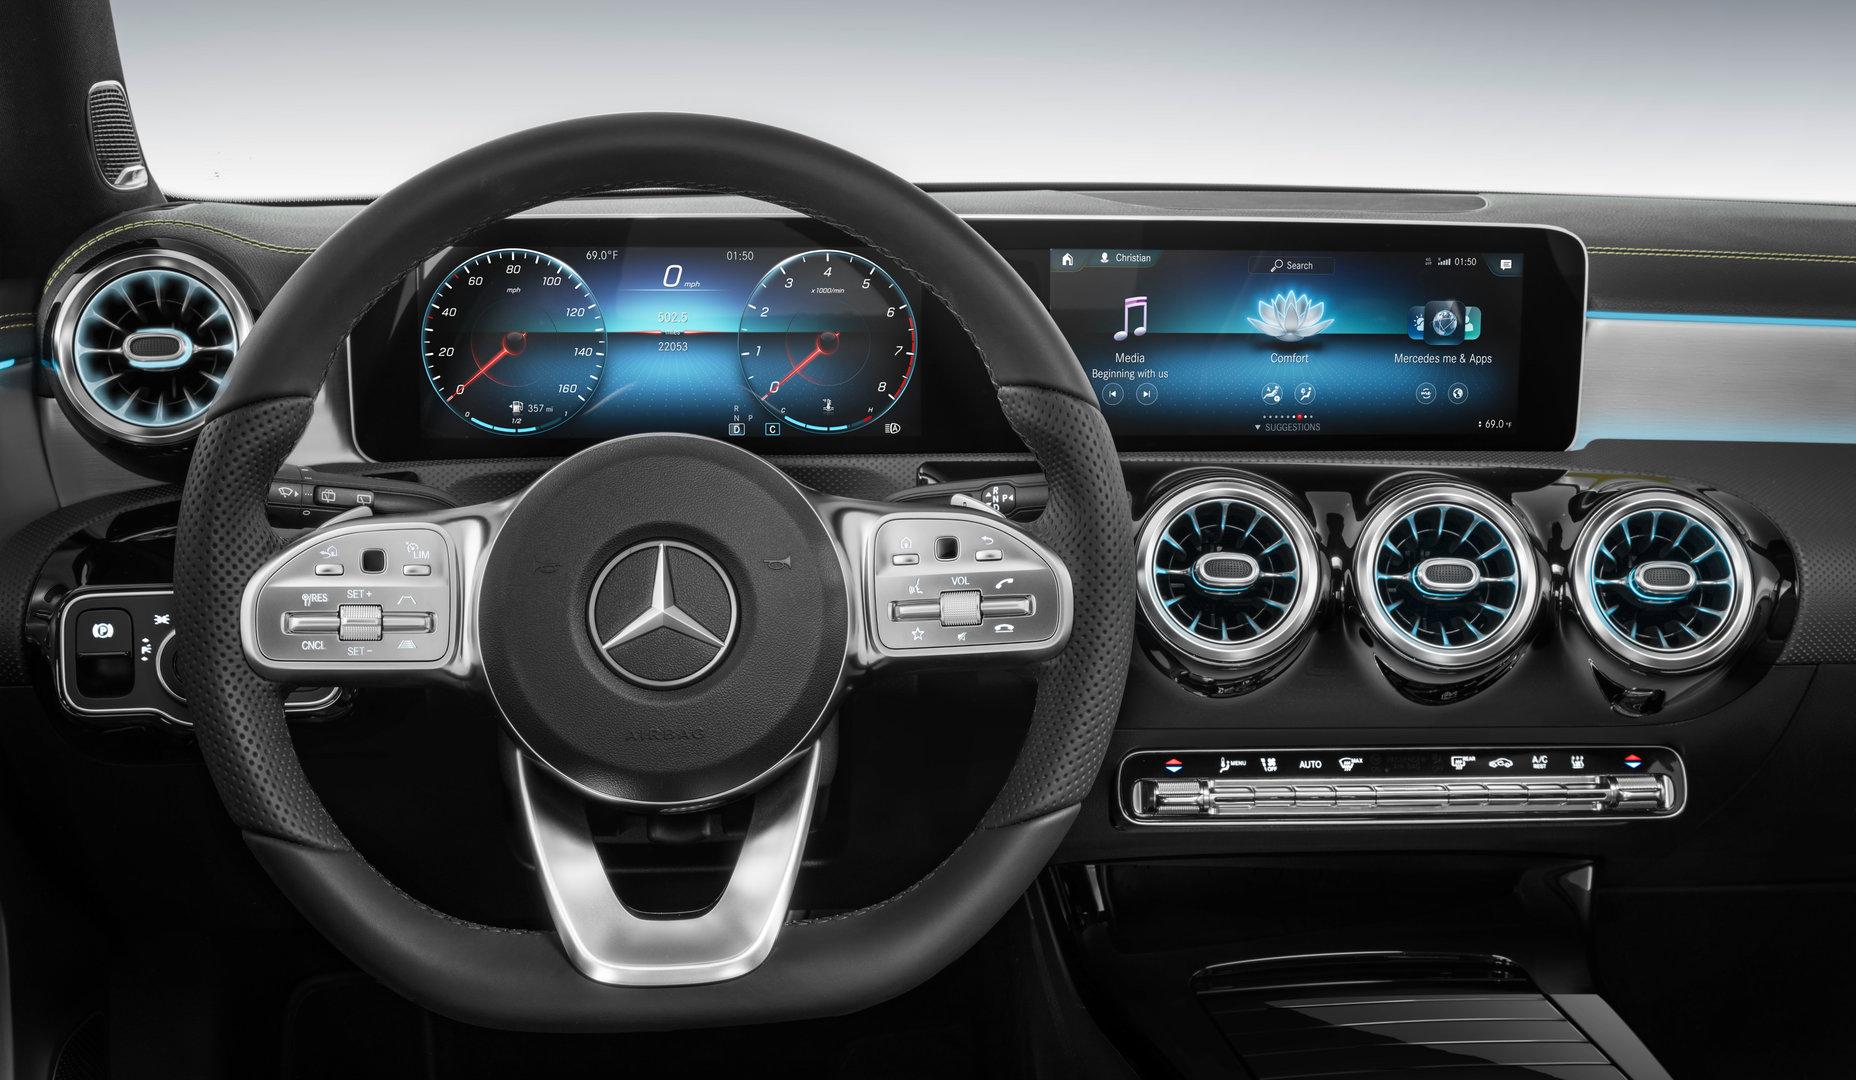 Lenkrad mit Touch-Controllern links und rechts